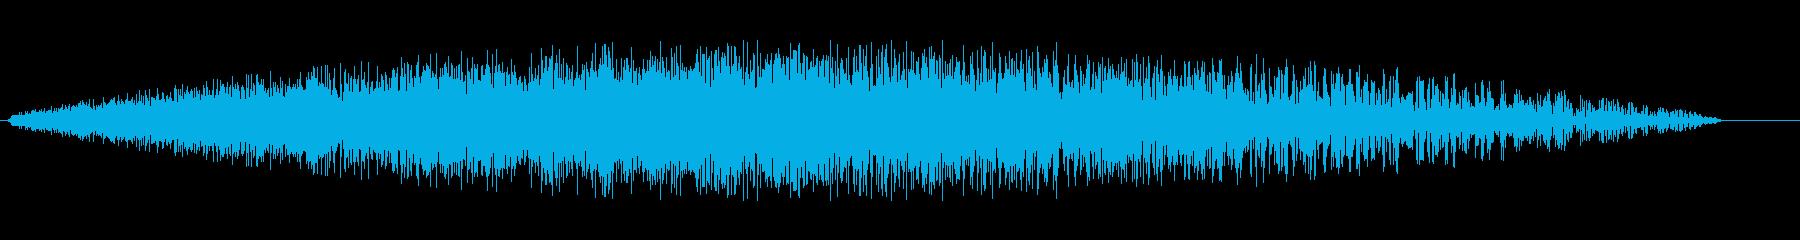 シューン(未来的な音)の再生済みの波形